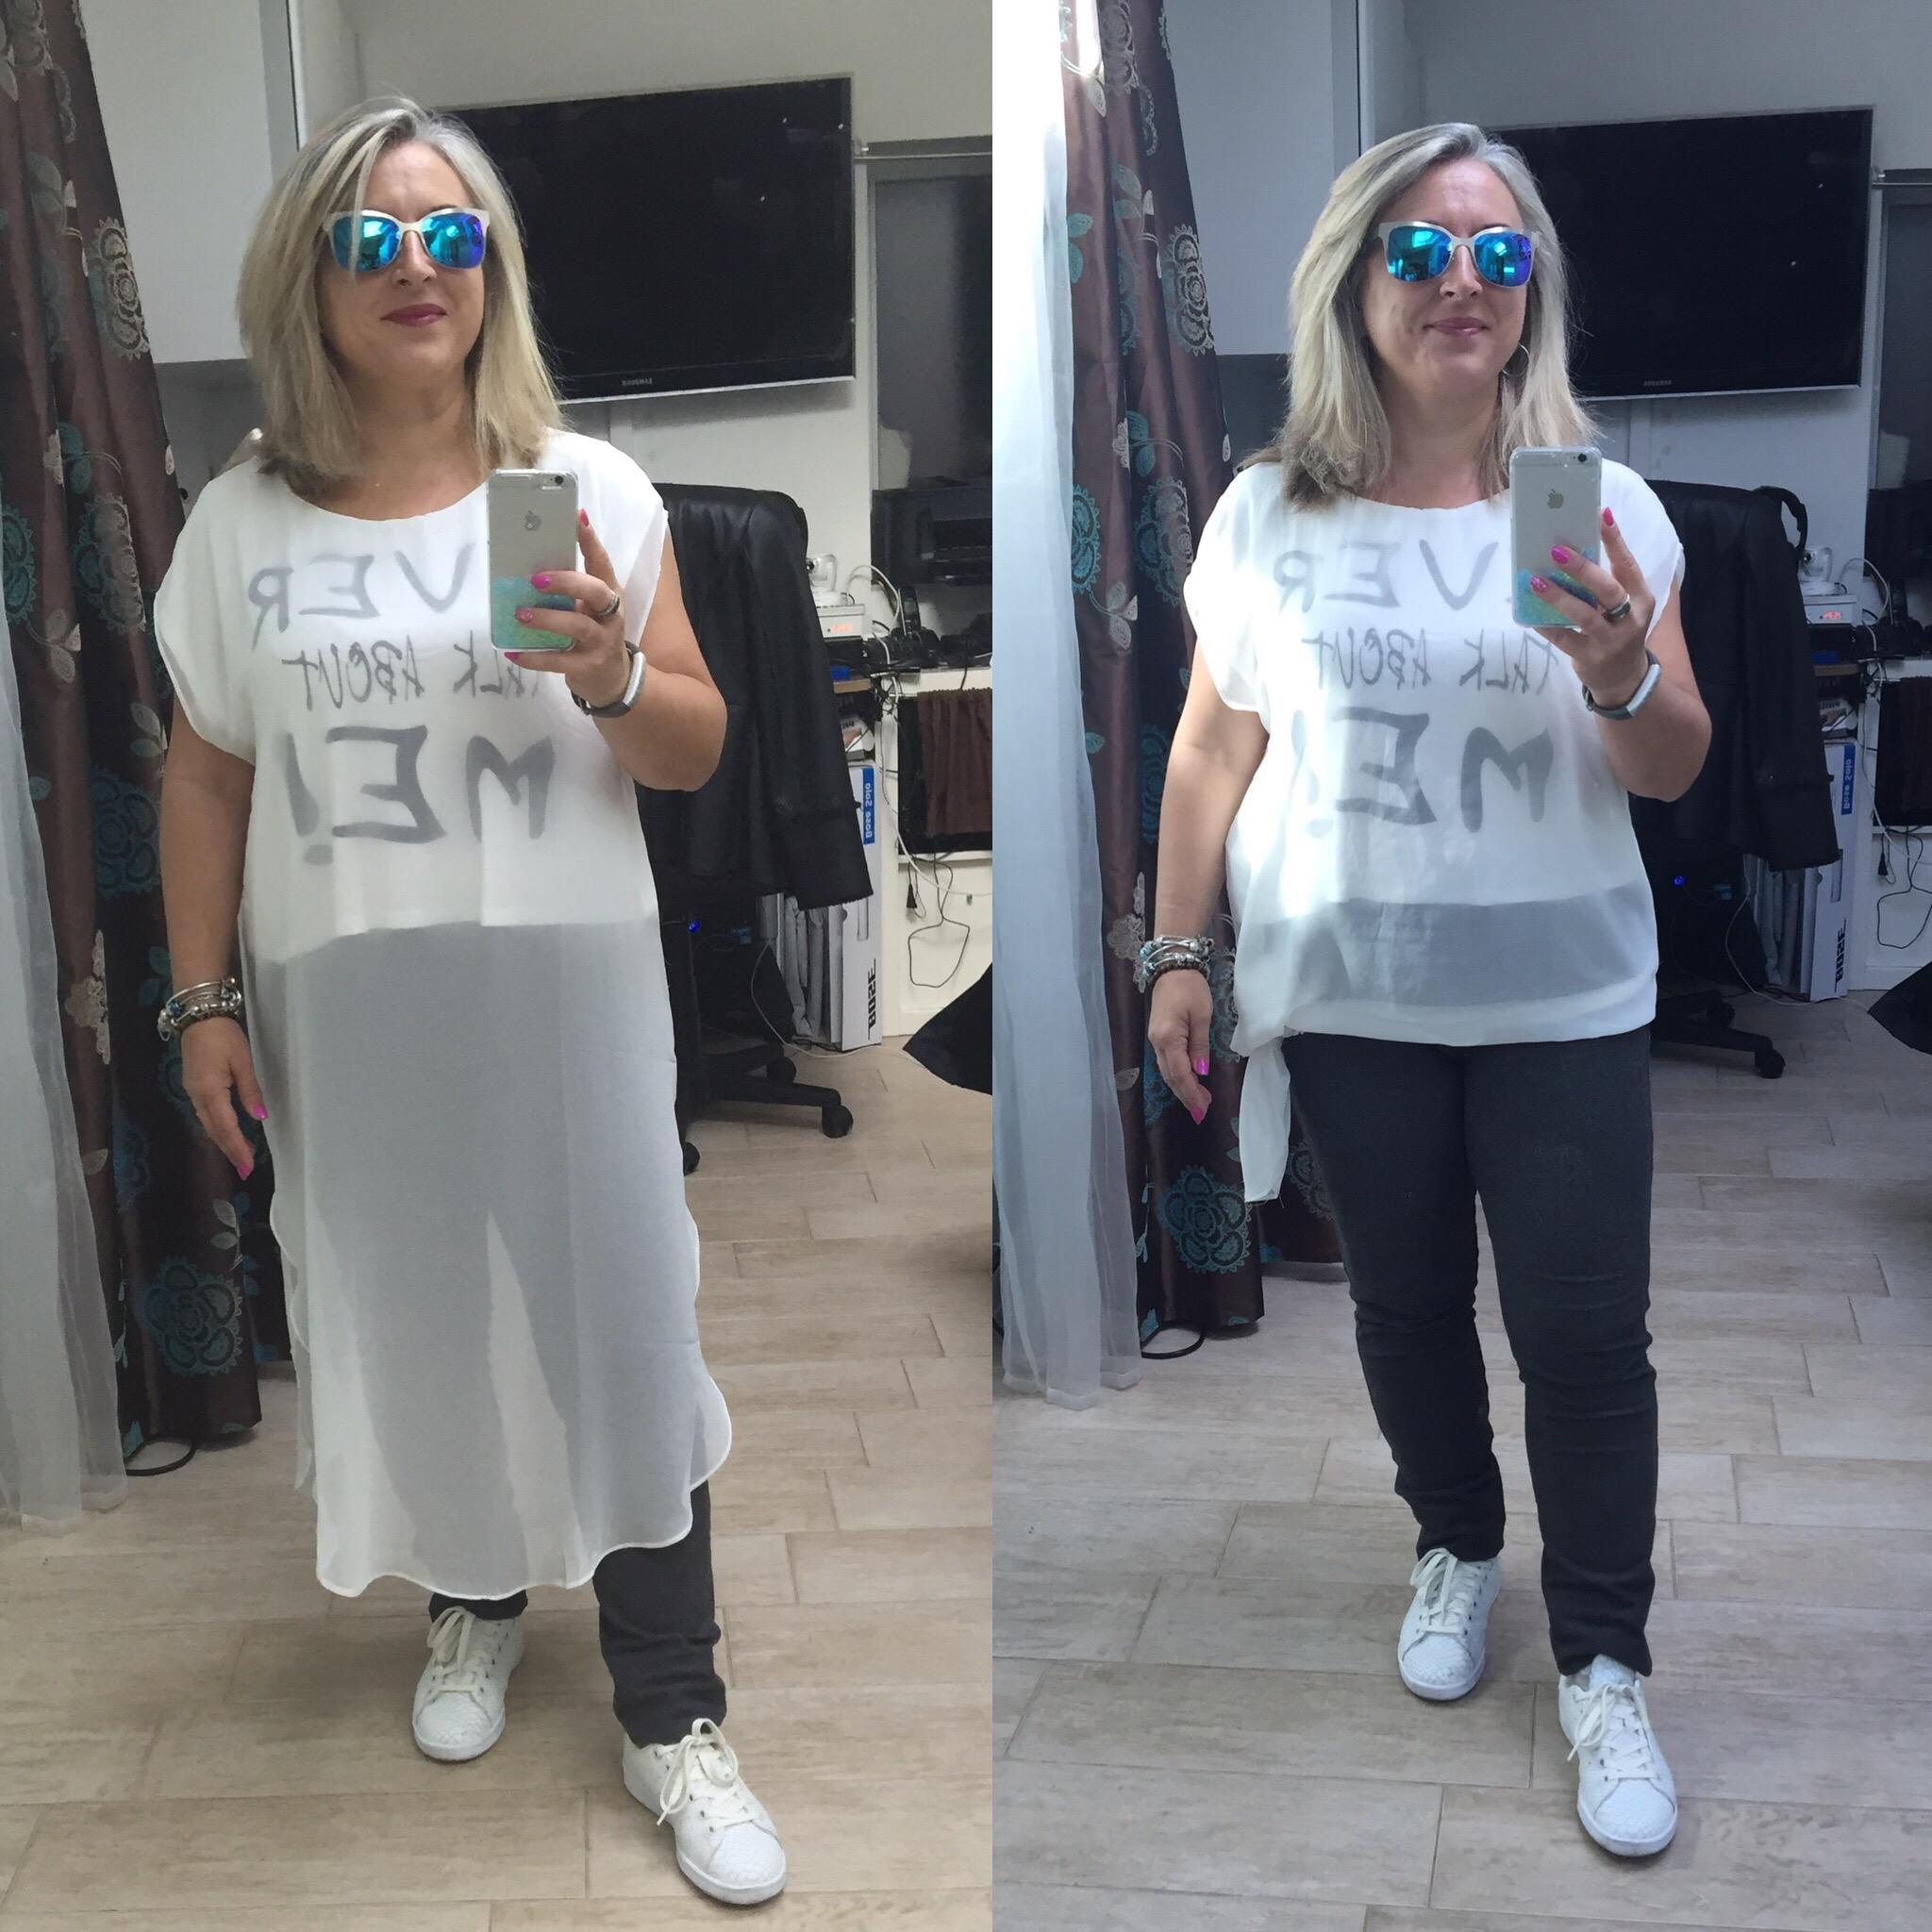 Idée look: tee-shirt «ever talk about me» long ou court???